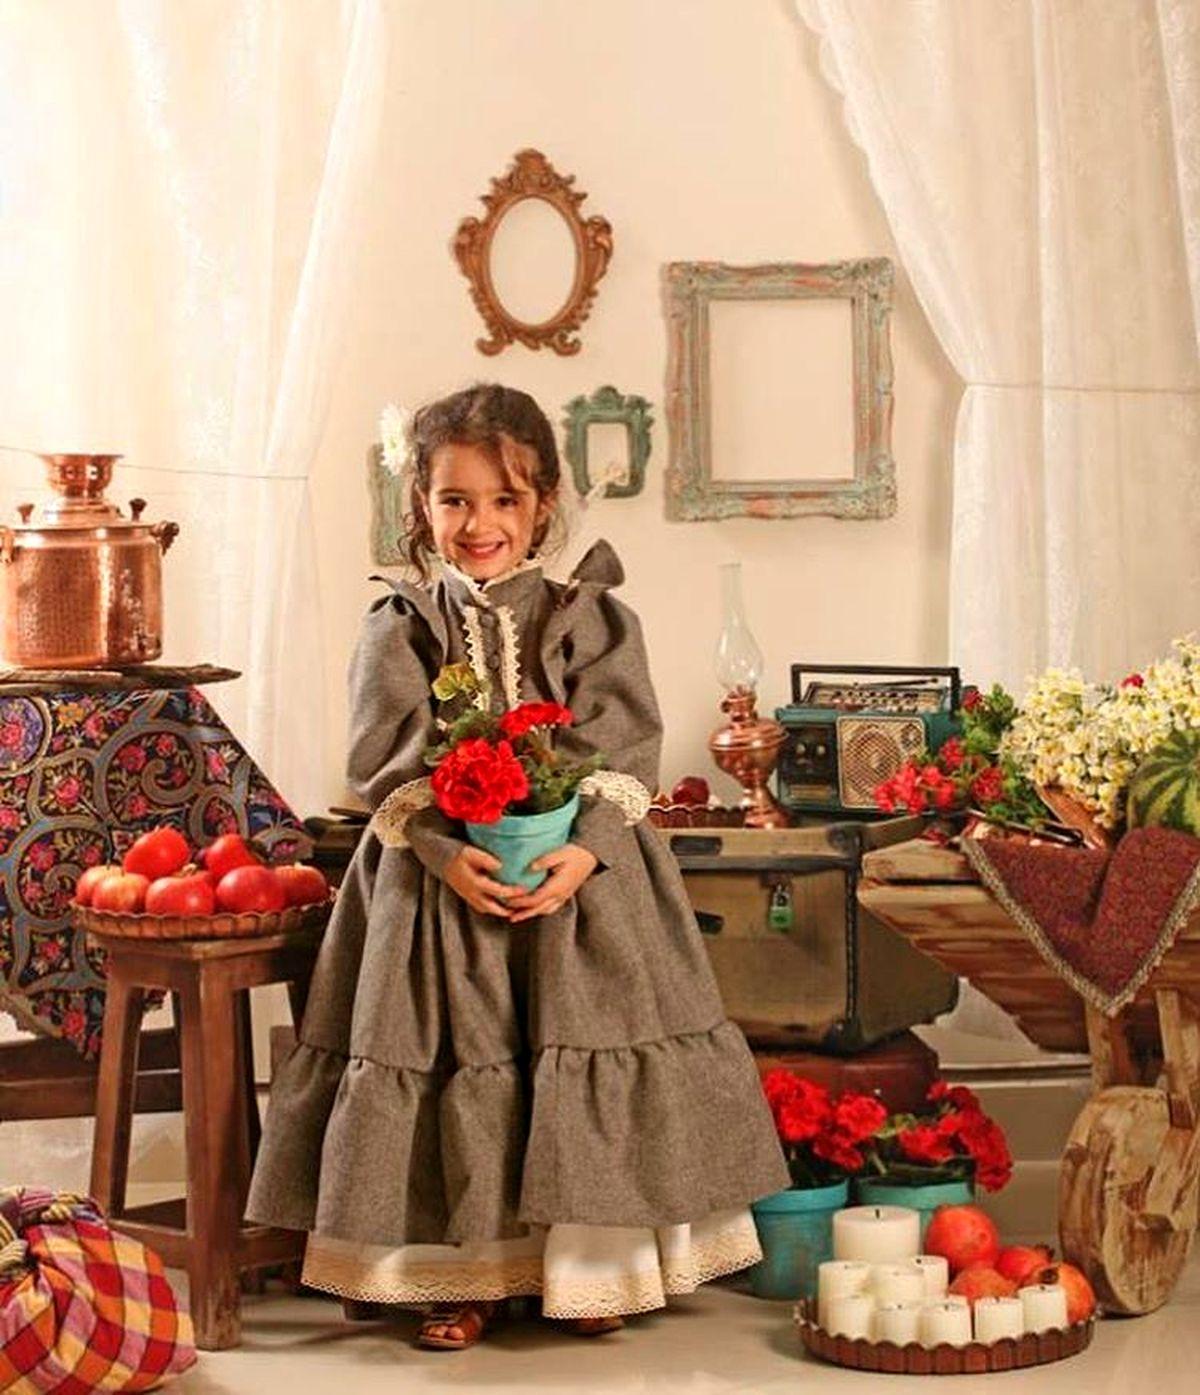 تصویری جالب از دختر مجید صالحی